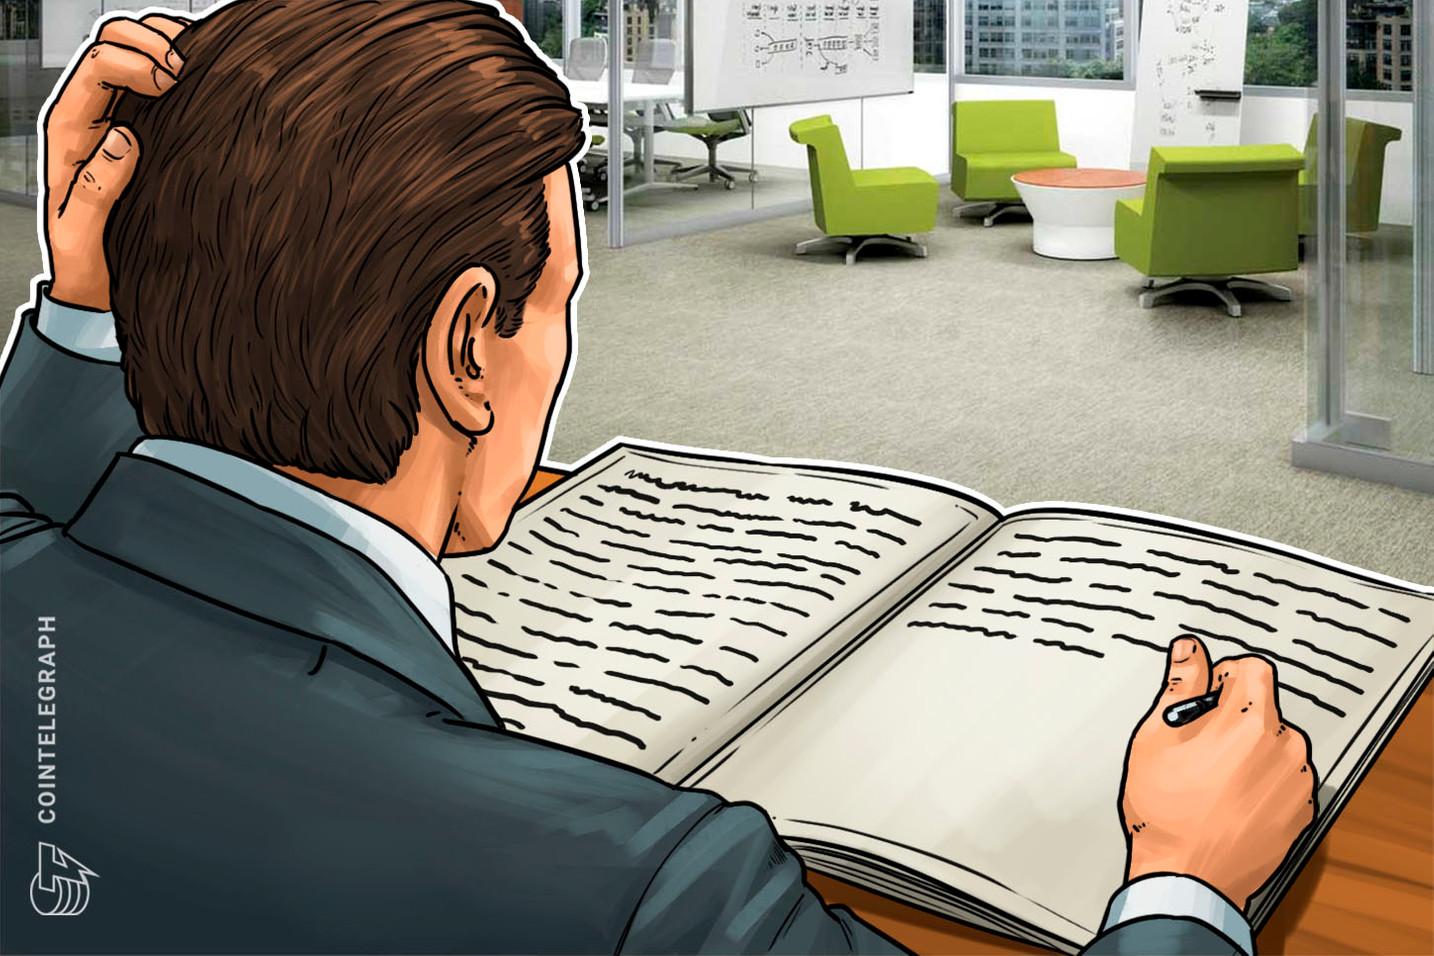 Bitkom veröffentlicht Blockchain-Leitfaden als Entscheidungshilfe für Unternehmen